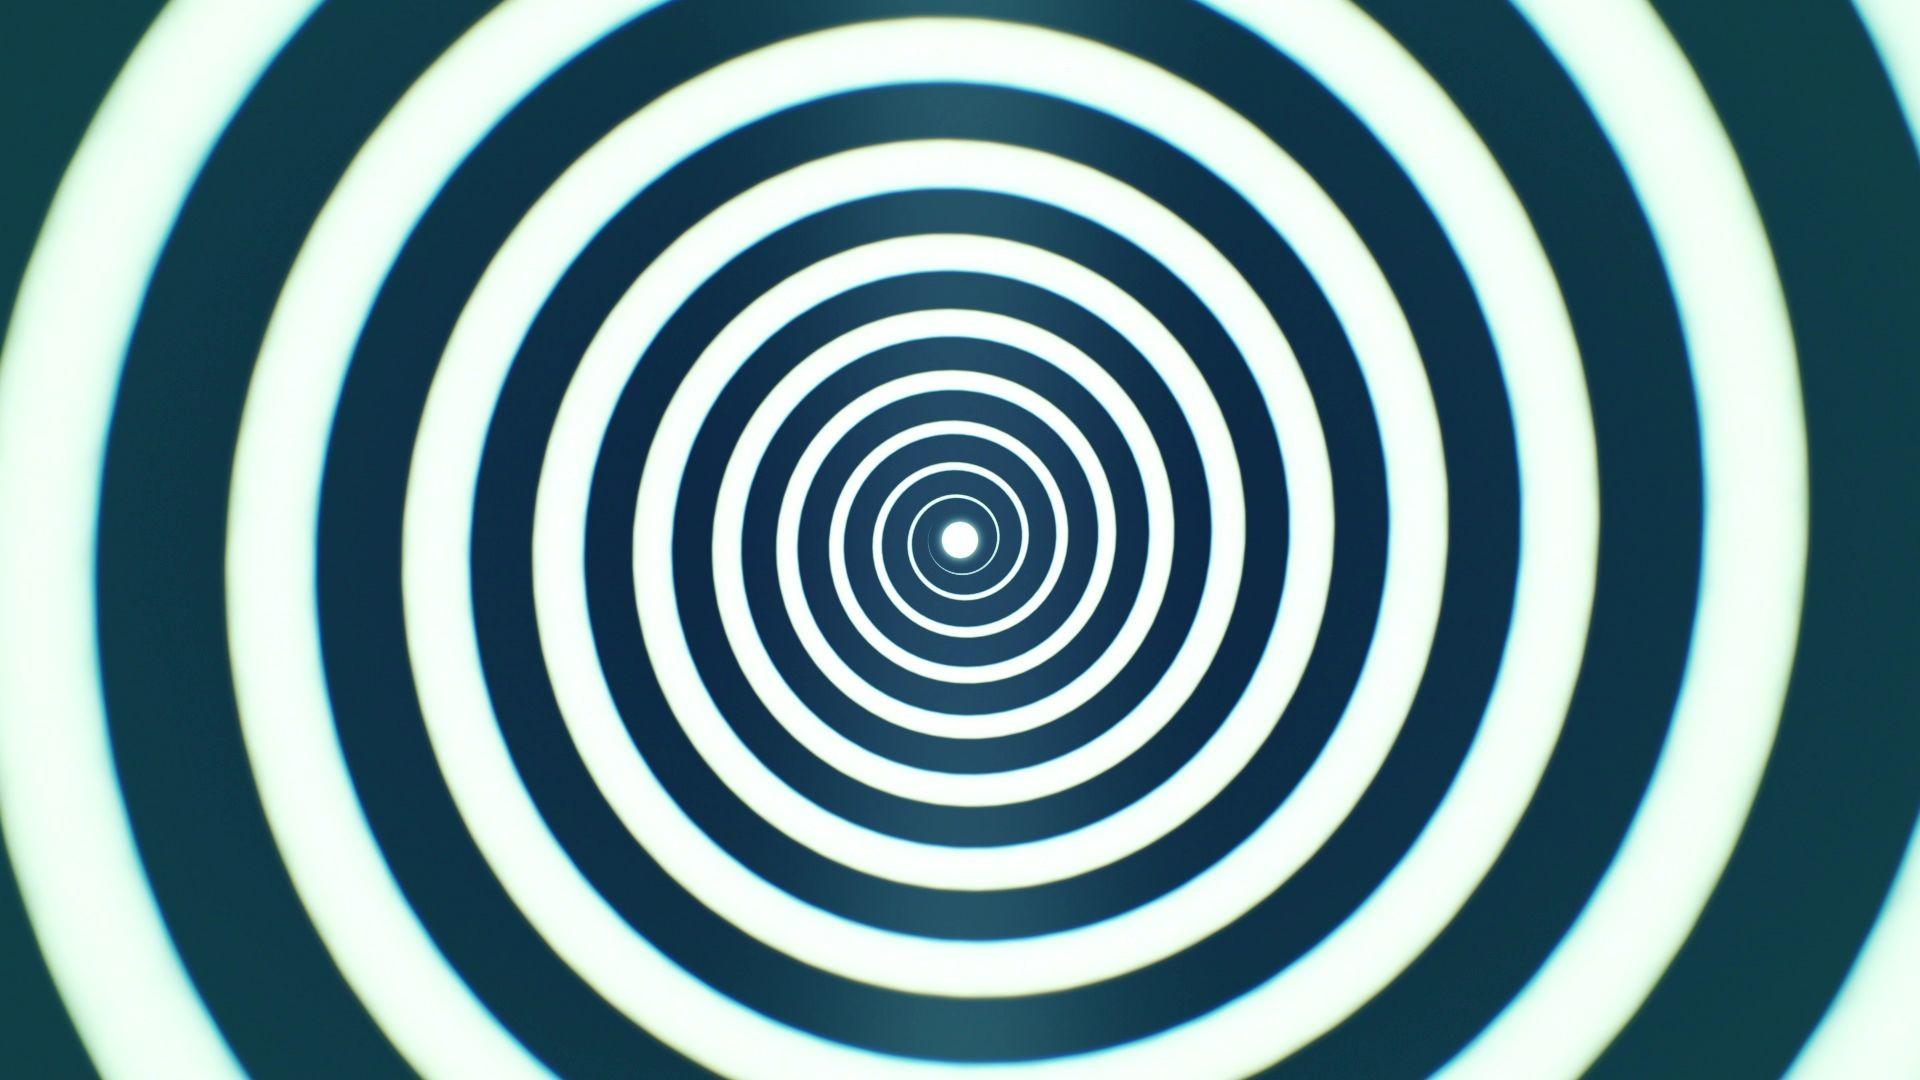 'Hypnotic Spiral 1' – Hypnosis Meditation Motion Background Loop_SampleStill